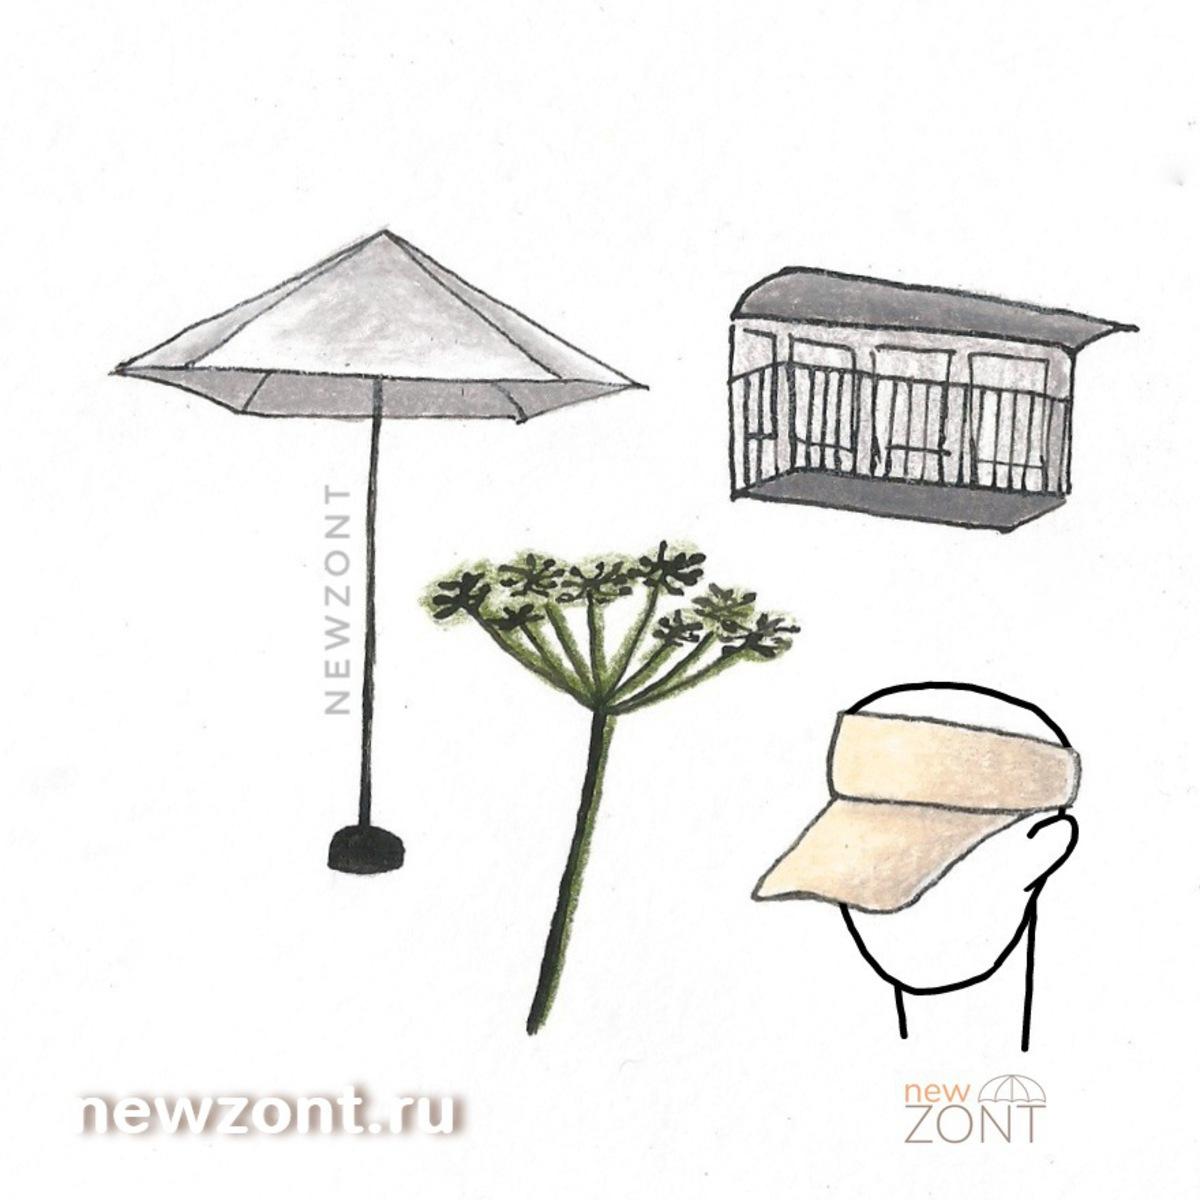 что такое зонт значение слова зонтик